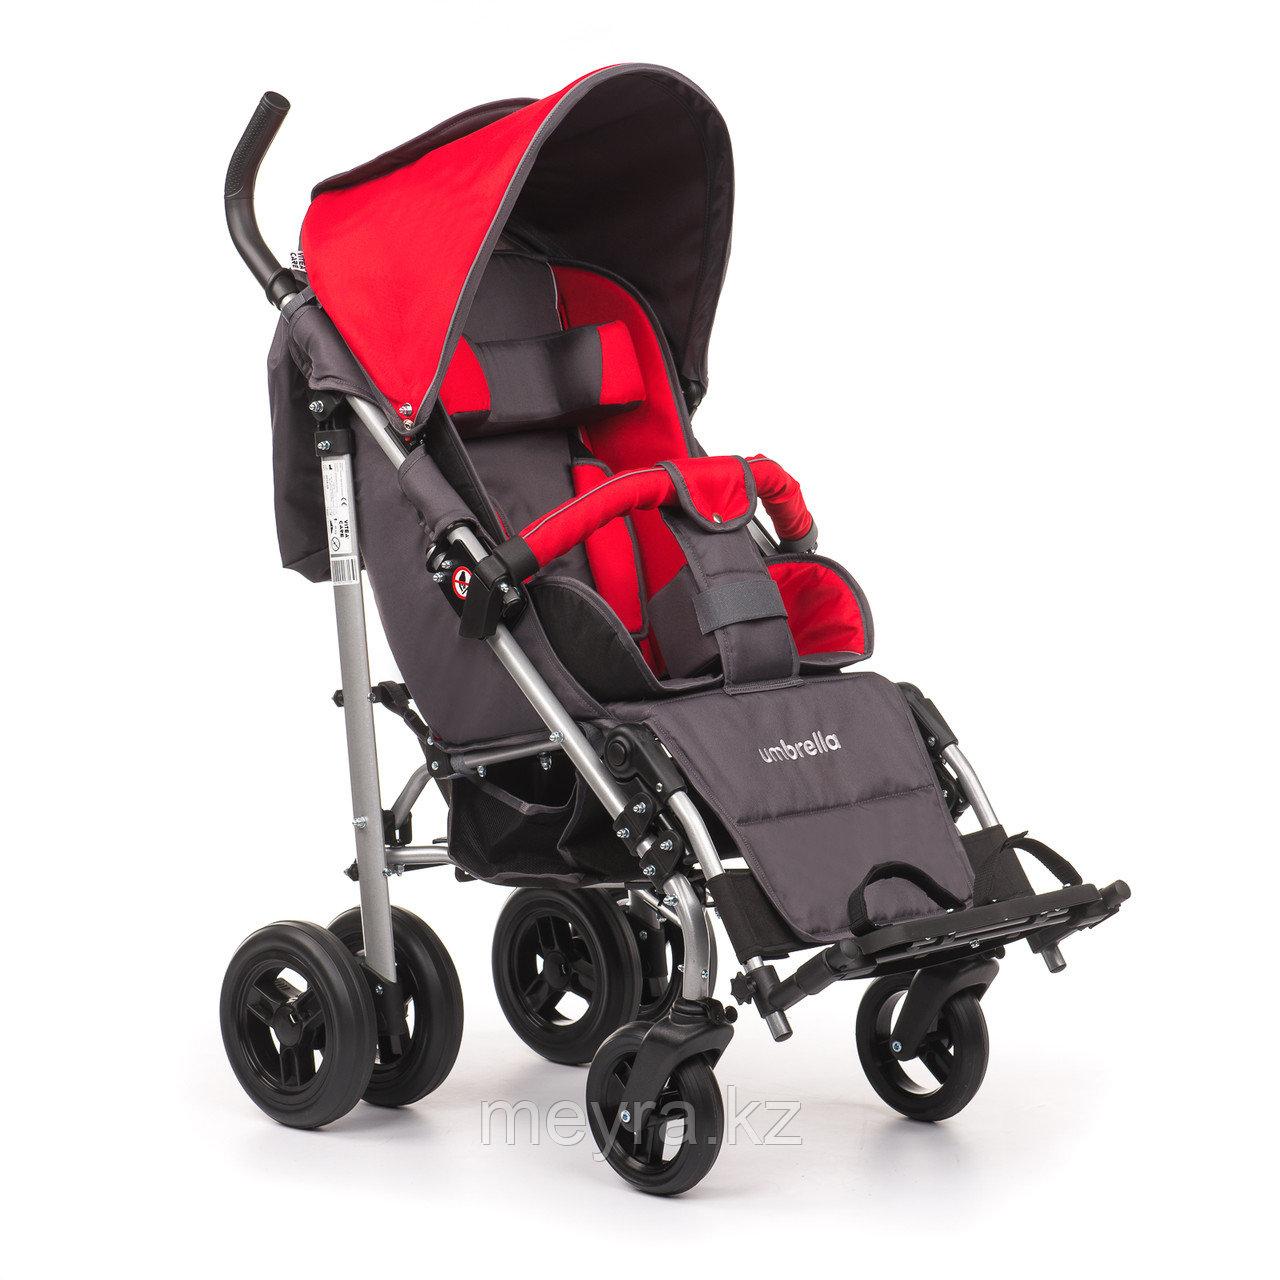 Детская инвалидная кресло-коляска ДЦП UMBRELLA, размер 2, прогулочная